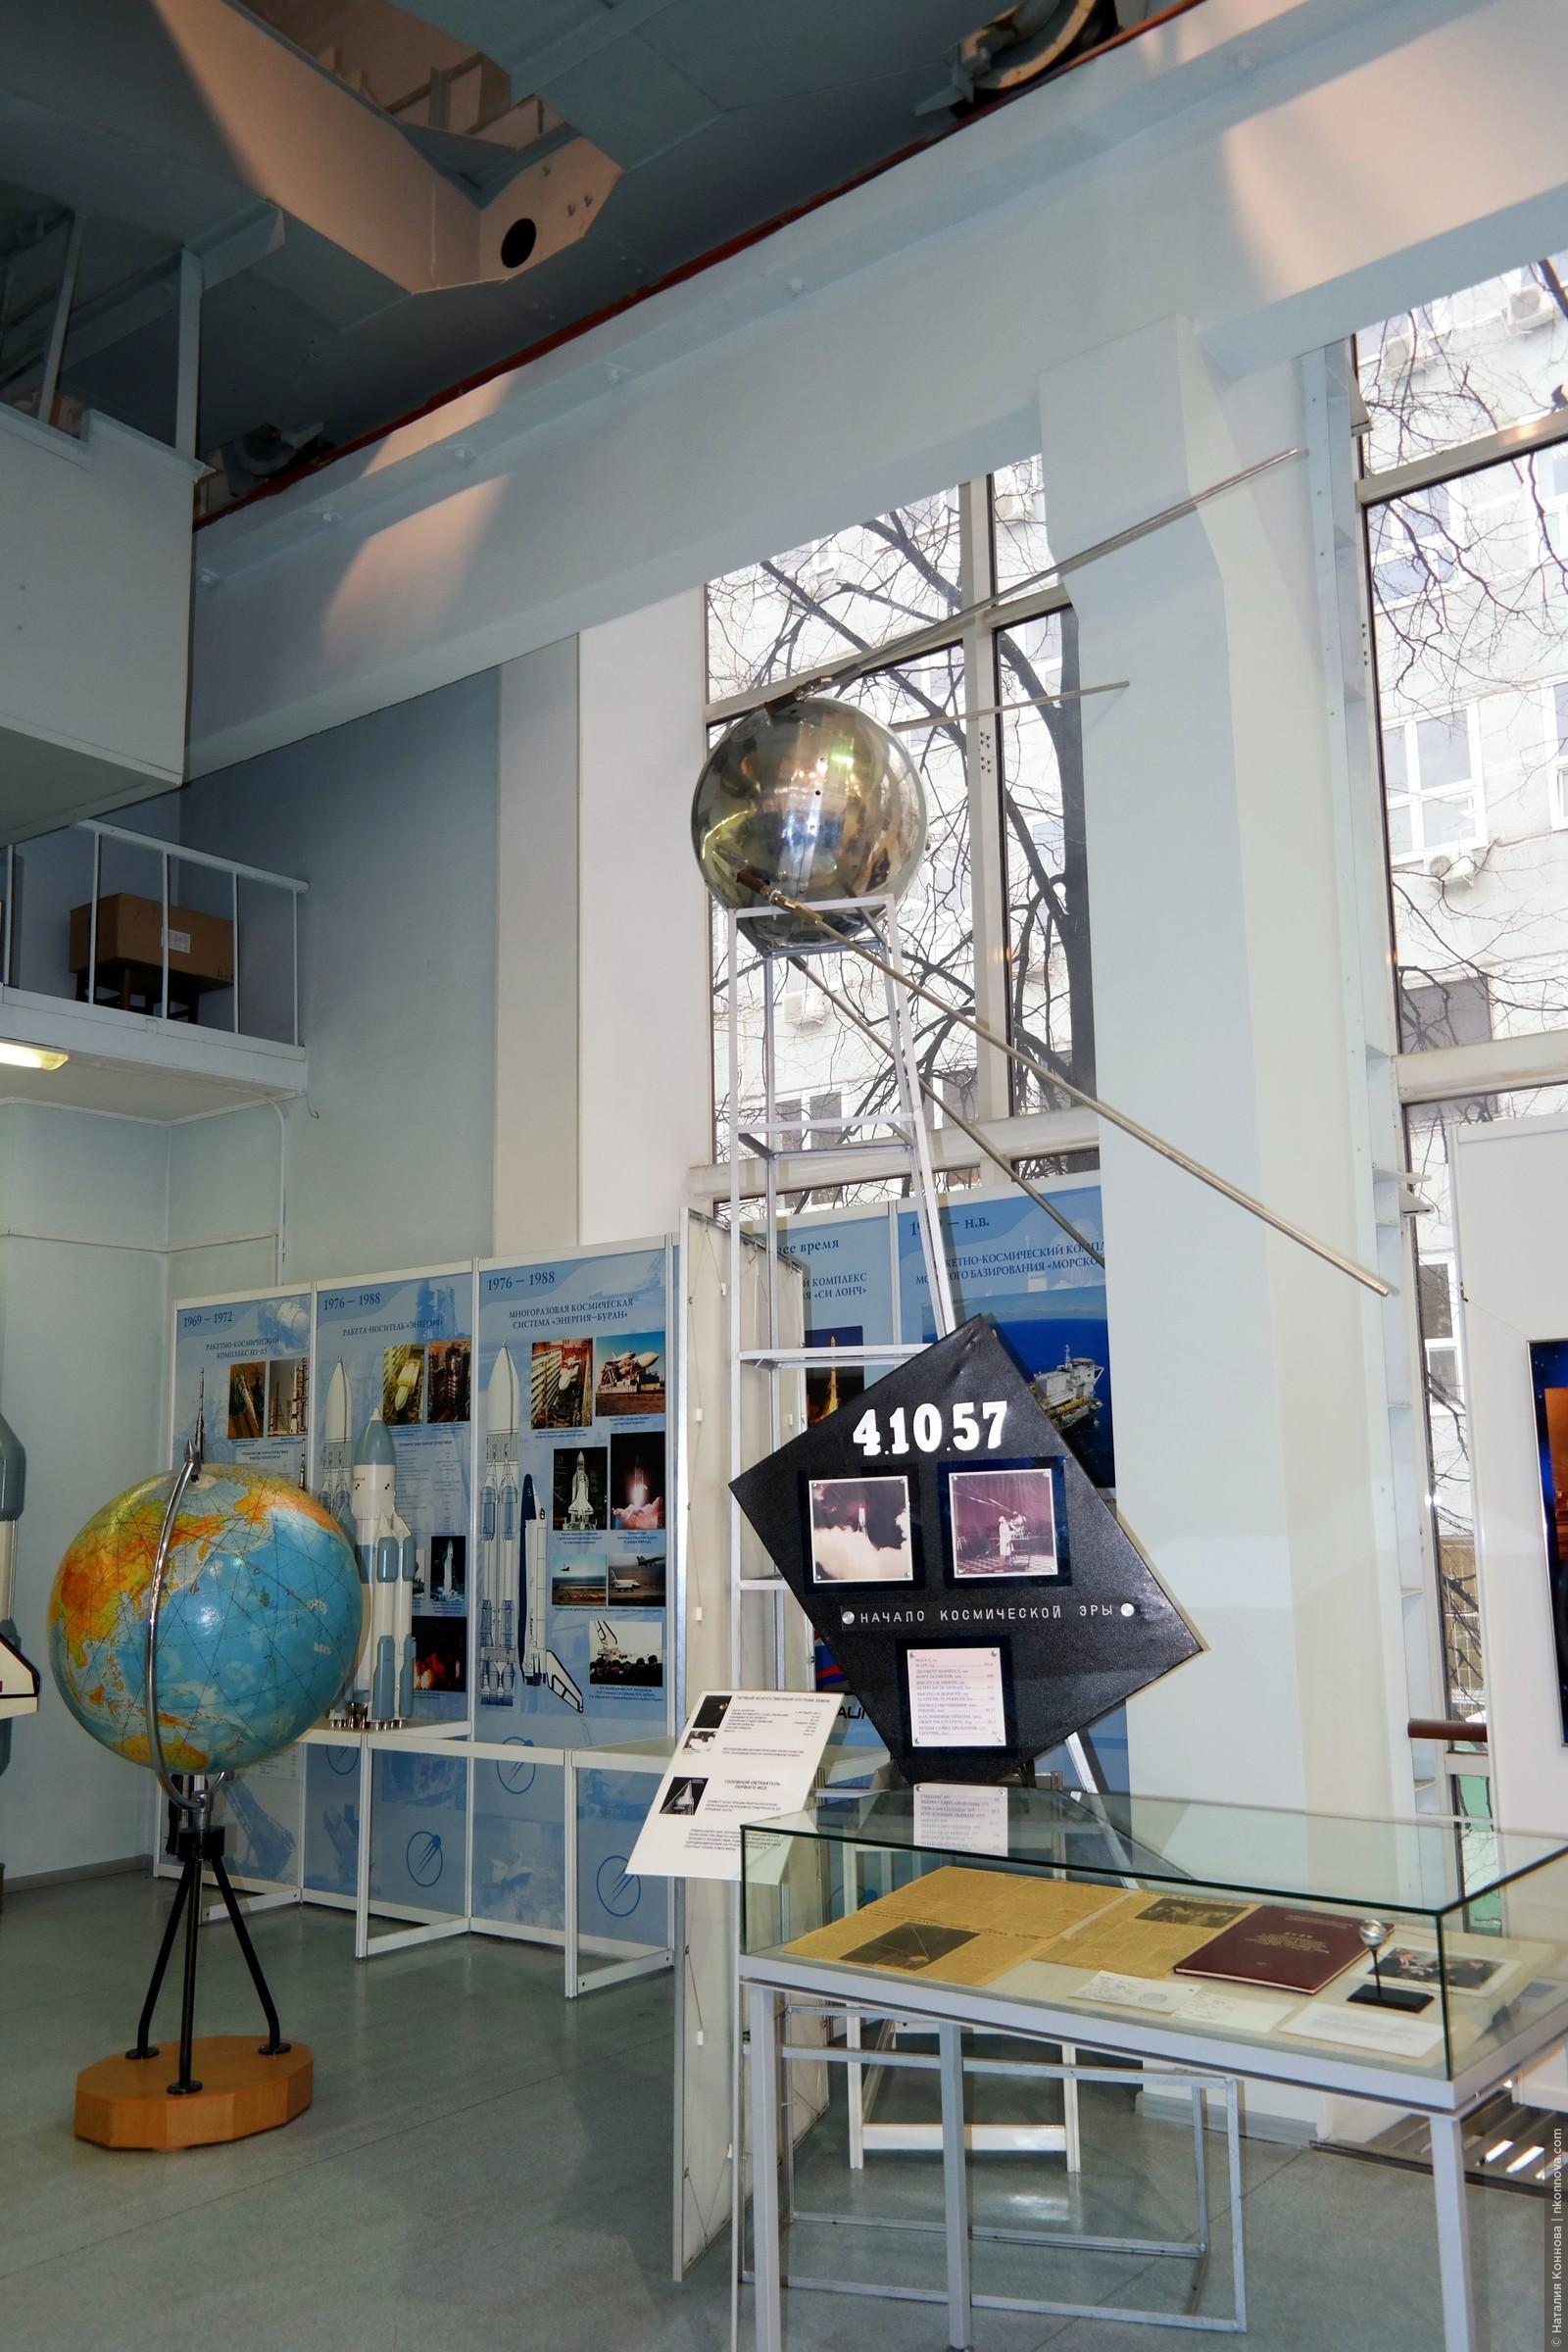 """Первый запущенный в космос искусственный спутник Земли. Сначала планировалось отправить более """"продвинутый"""" аппарат, но поступила информация о том, что американцы тоже готовятся к запуску, поэтому по-быстрому """"склепали"""" такой вот """"шарик"""" и запустили. Зато первыми, 4 октября 1957г., Музей РКК «Энергия» им. Королева"""